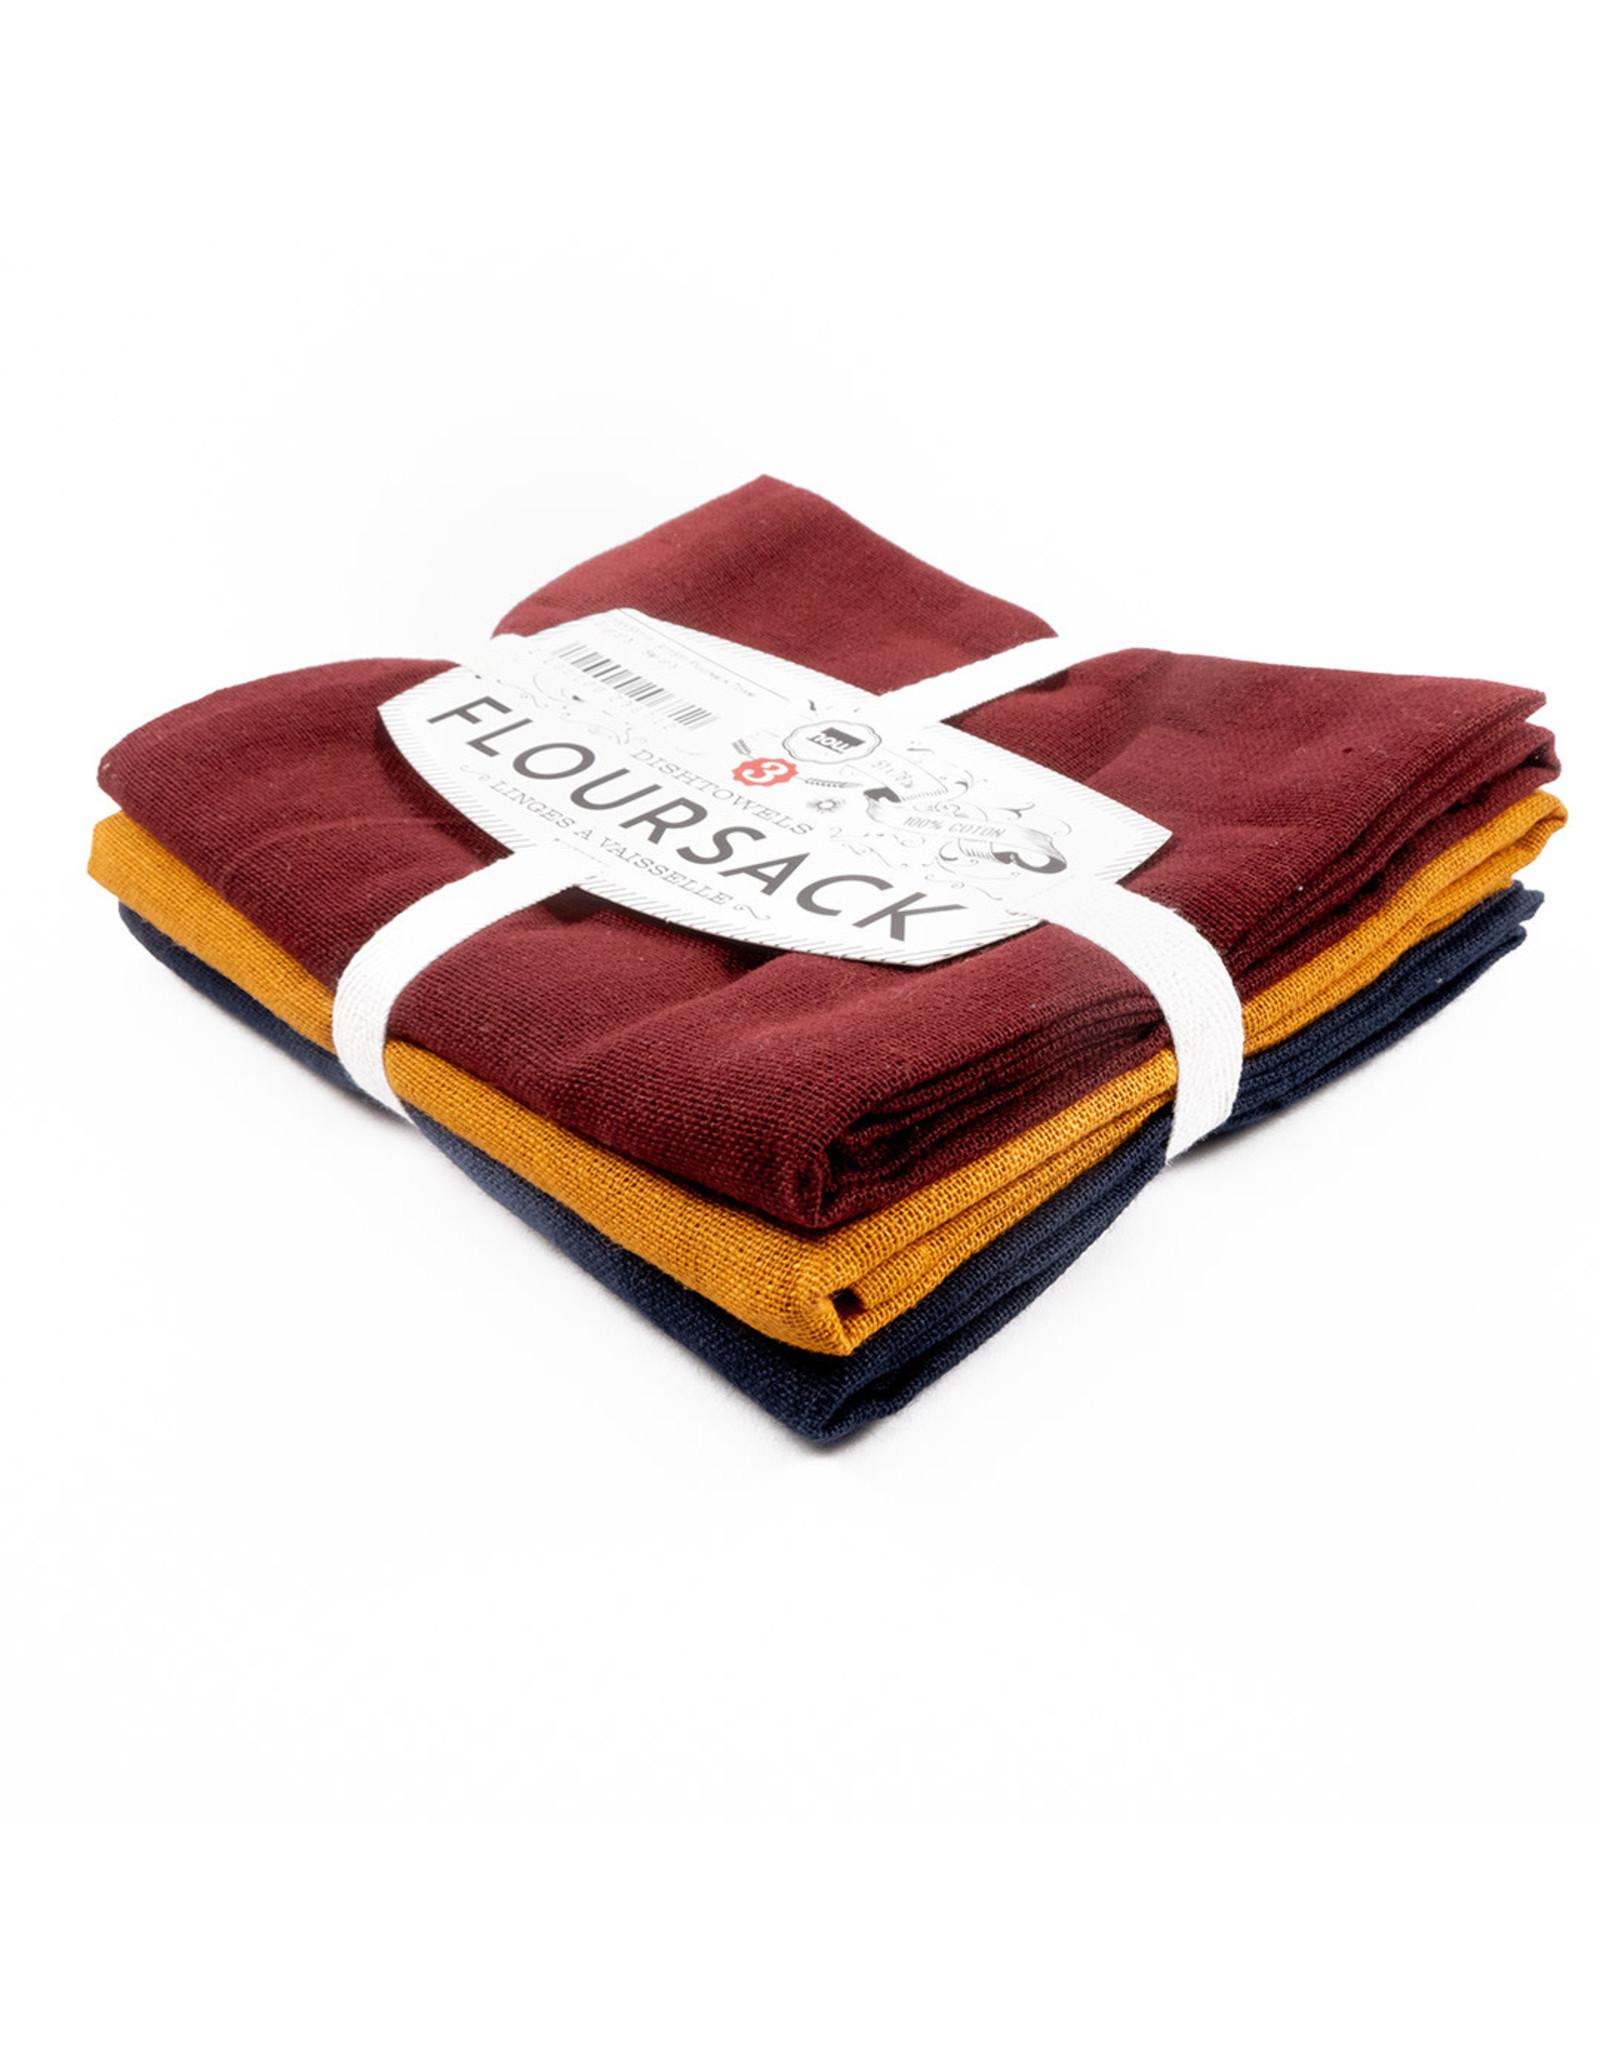 Floursack Towel - Set of 3 - Black/Oyster/White